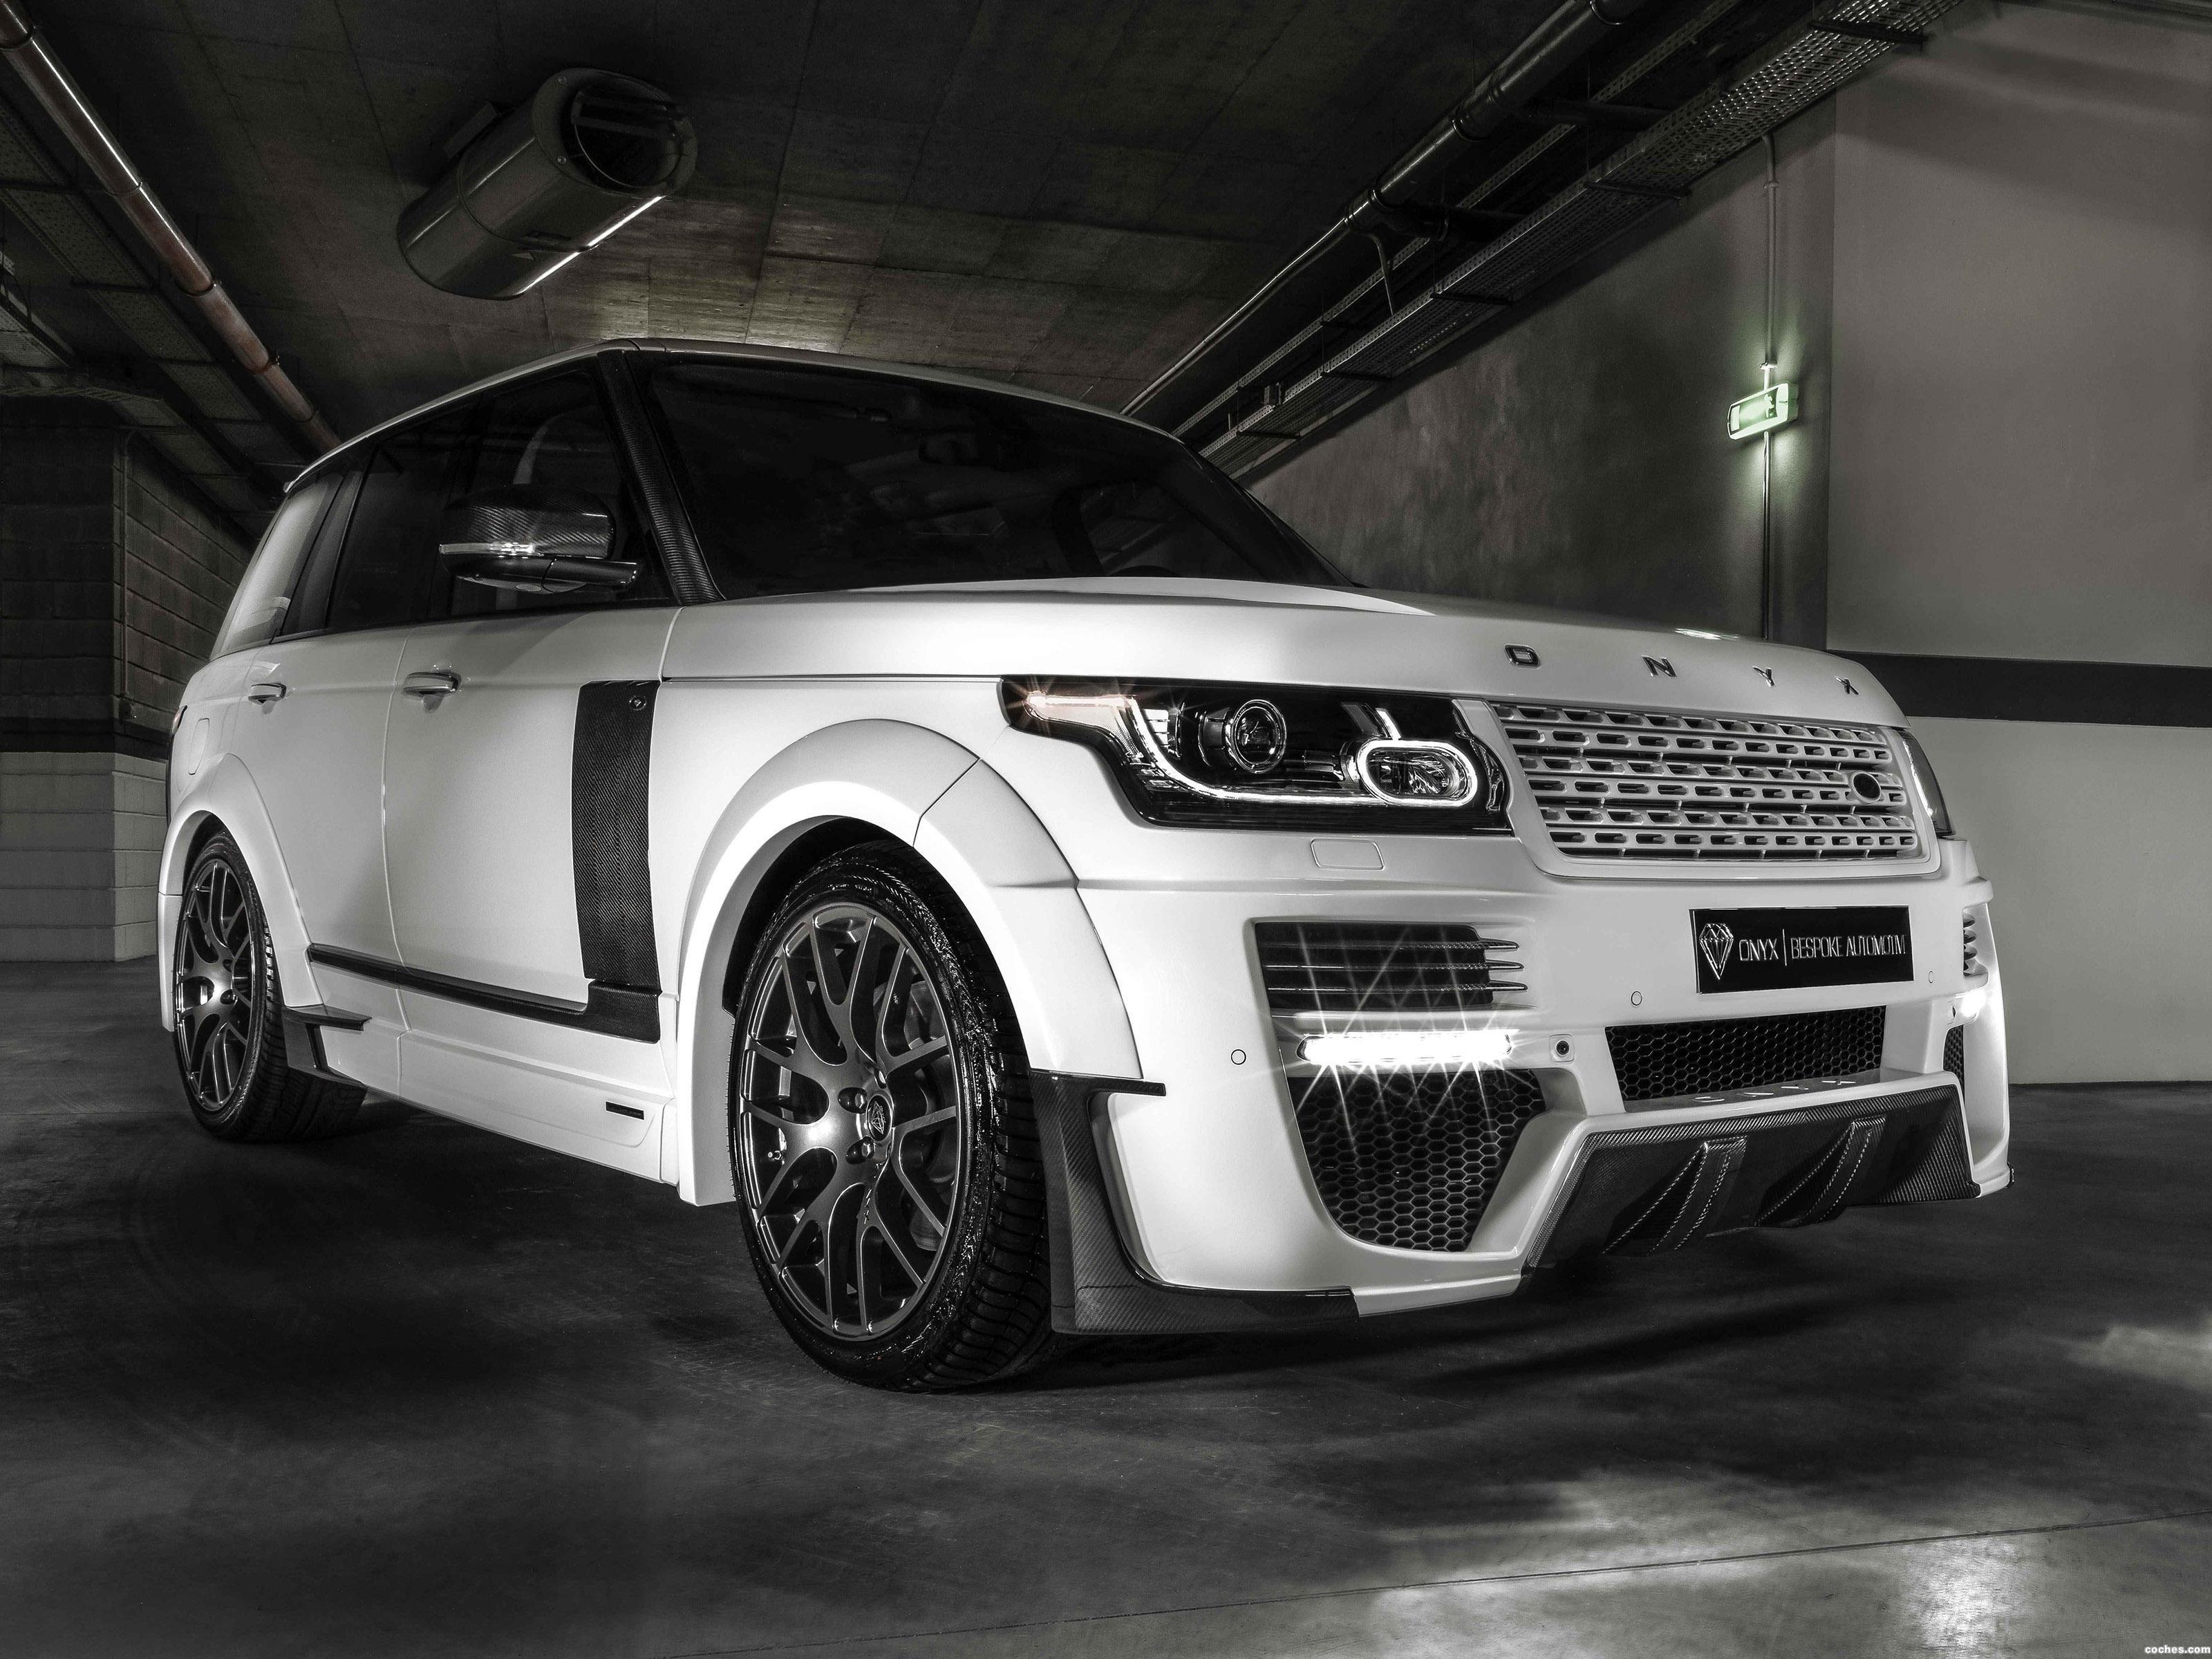 Foto 0 de Land Rover Range Rover Autobiography ONYX Concept L405 2014